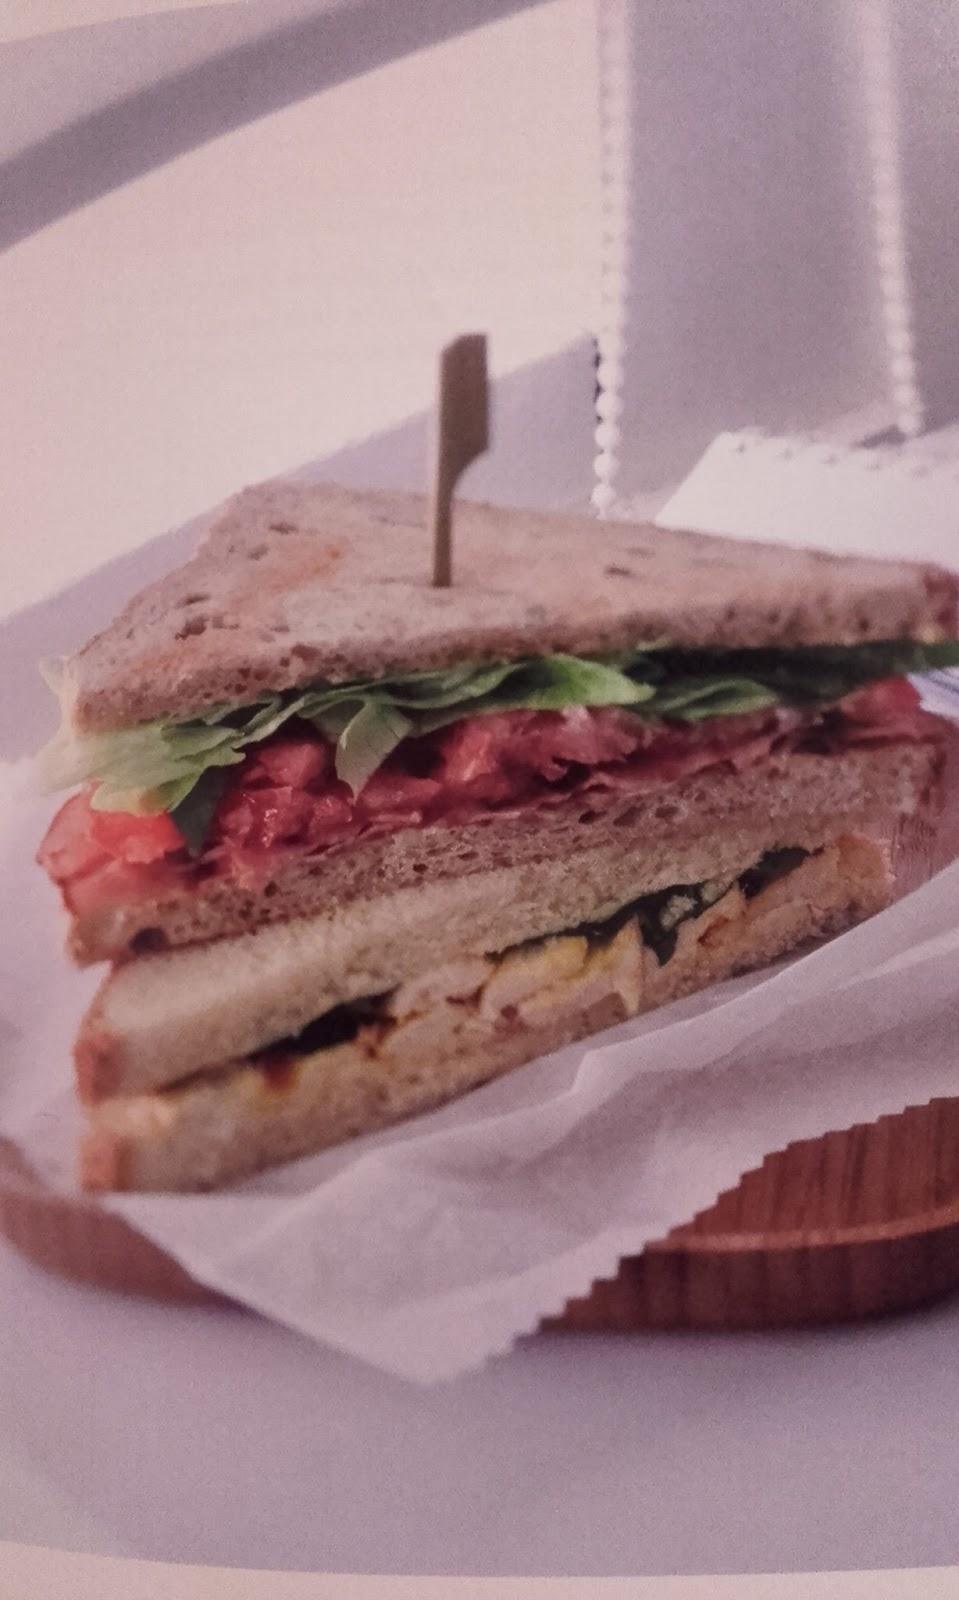 recettes , recettes rapide, recette de sandwich, rapide mais bon, recette étudiante, pas cher et bon